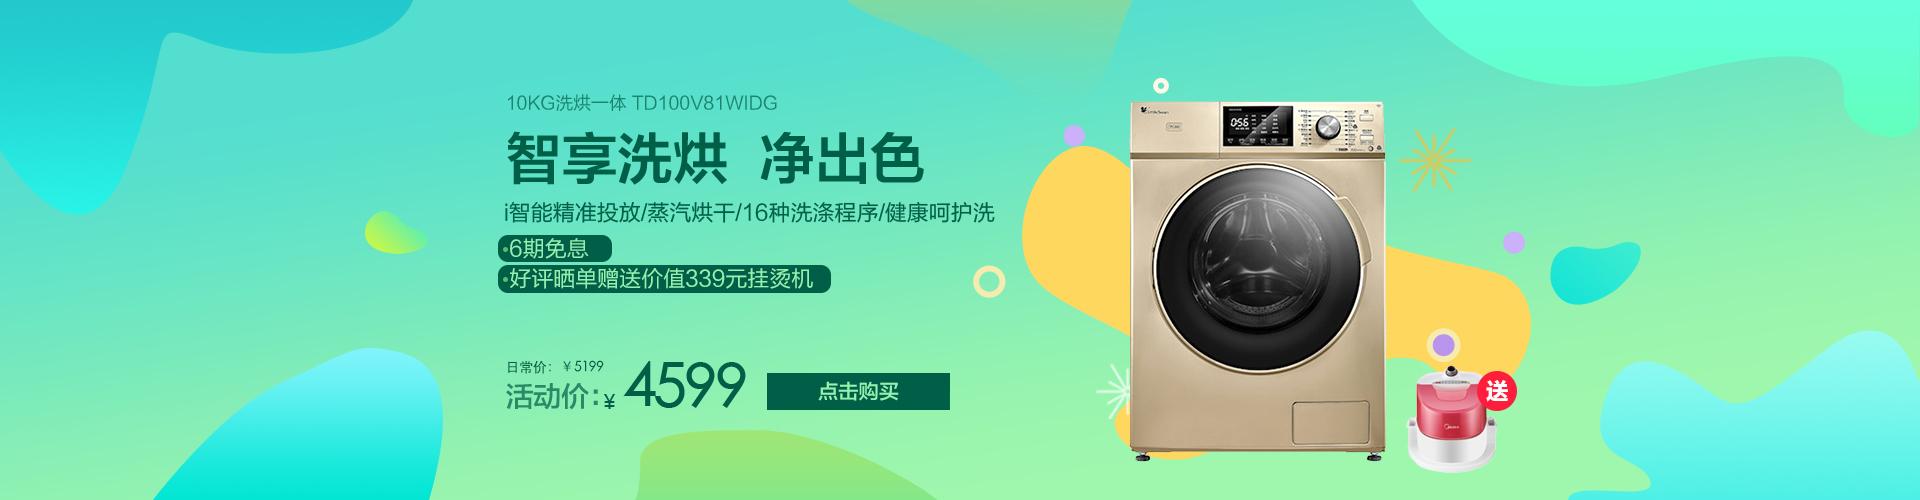 10公斤变频洗烘一体机 TD100V81WIDG